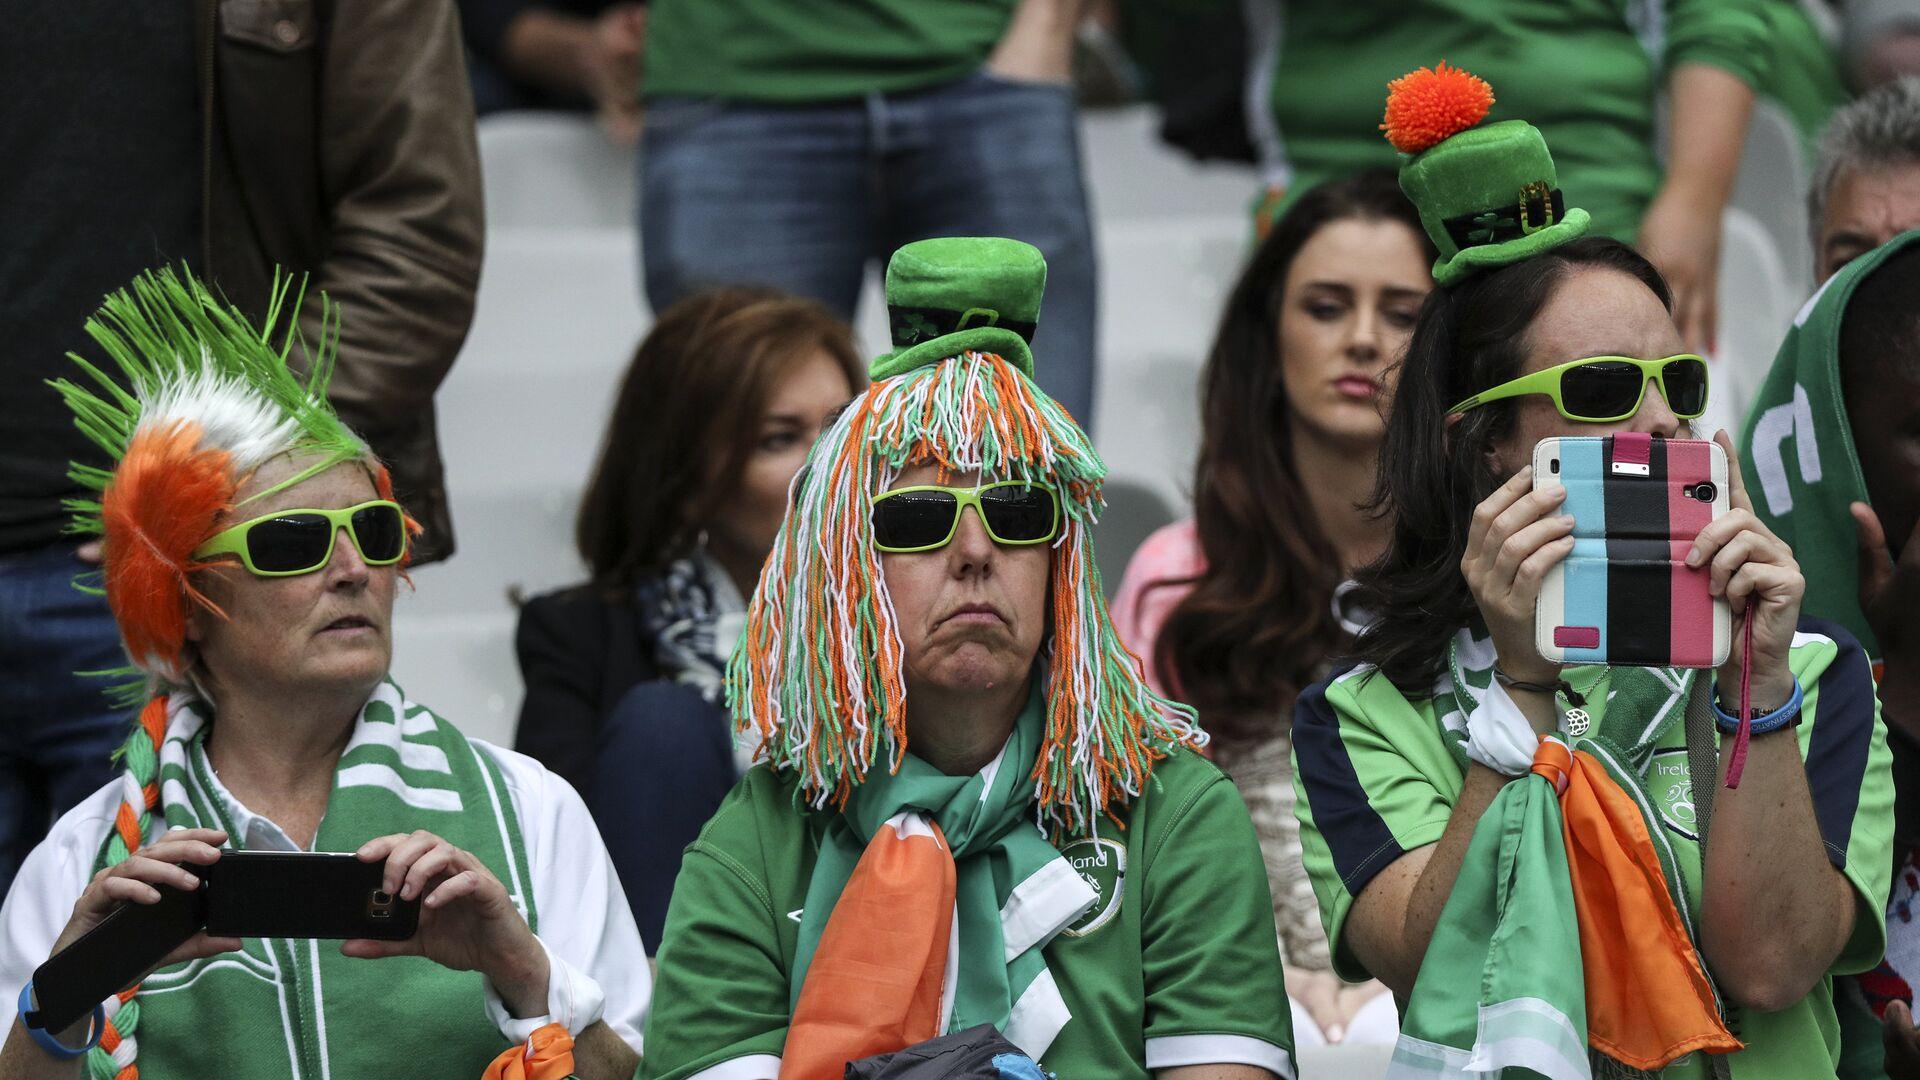 Ирландские болельщики перед началом матча группового этапа чемпионата Европы по футболу - 2016  - РИА Новости, 1920, 11.10.2020